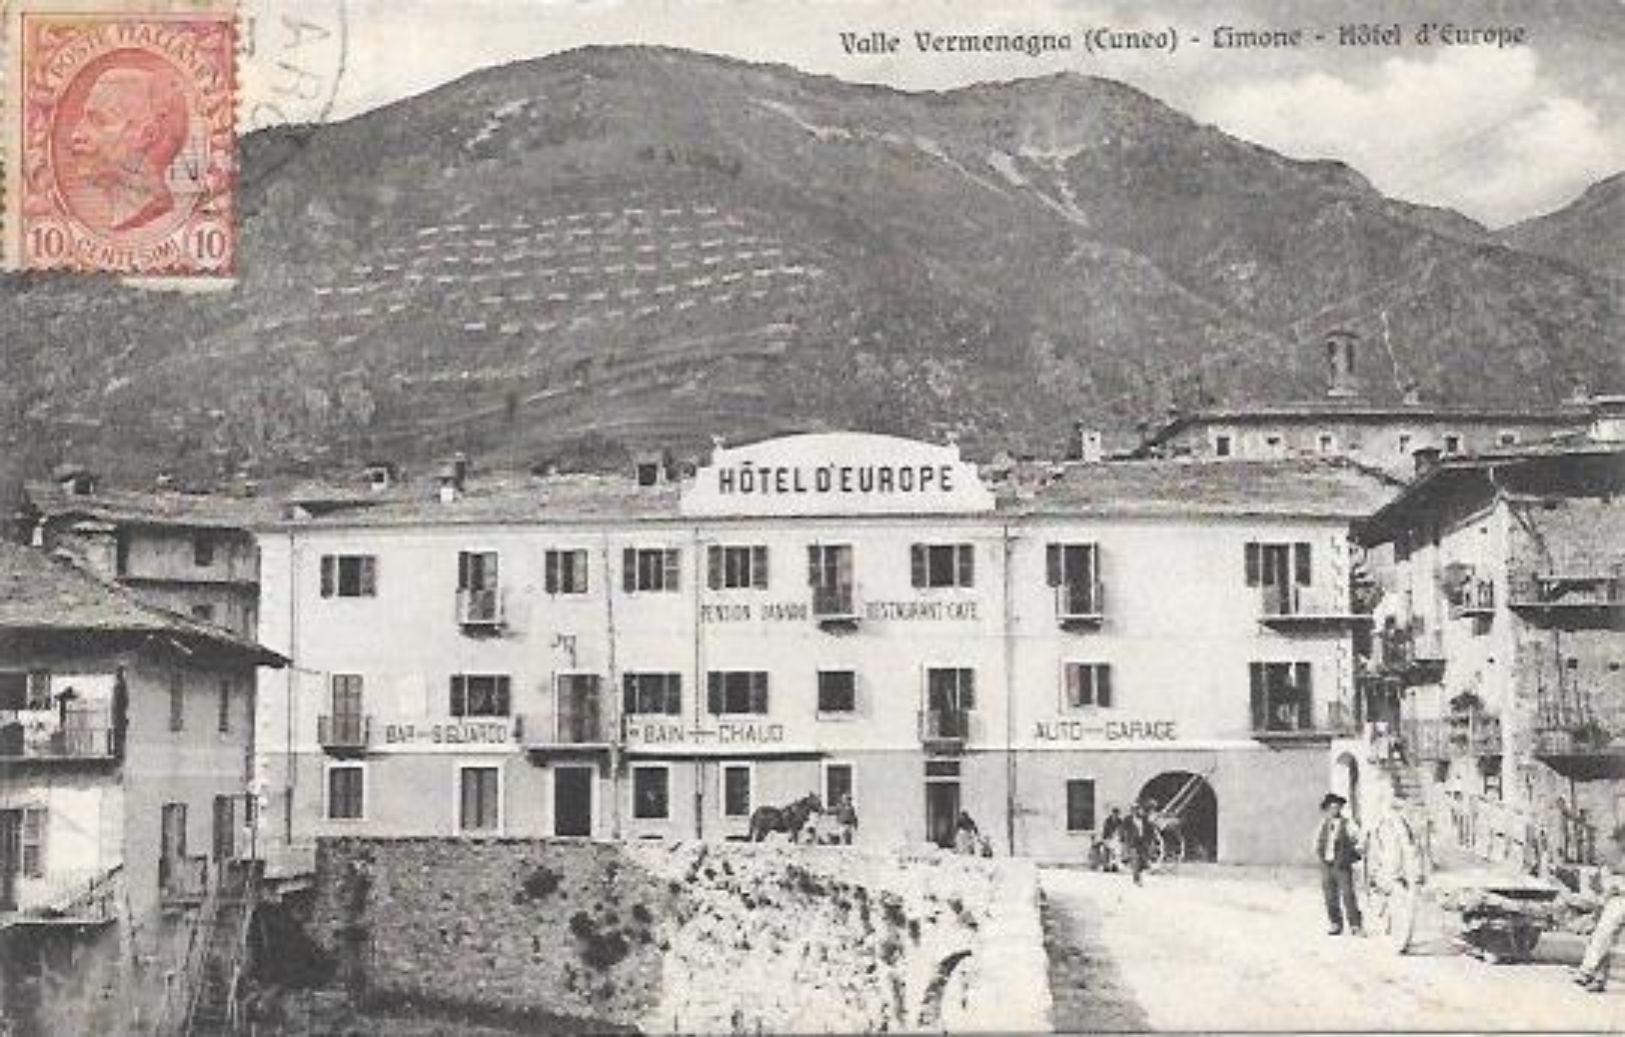 ITALIE CPA VALLE VERMENAGNA LIMONE HOTEL D'EUROPE - Italie